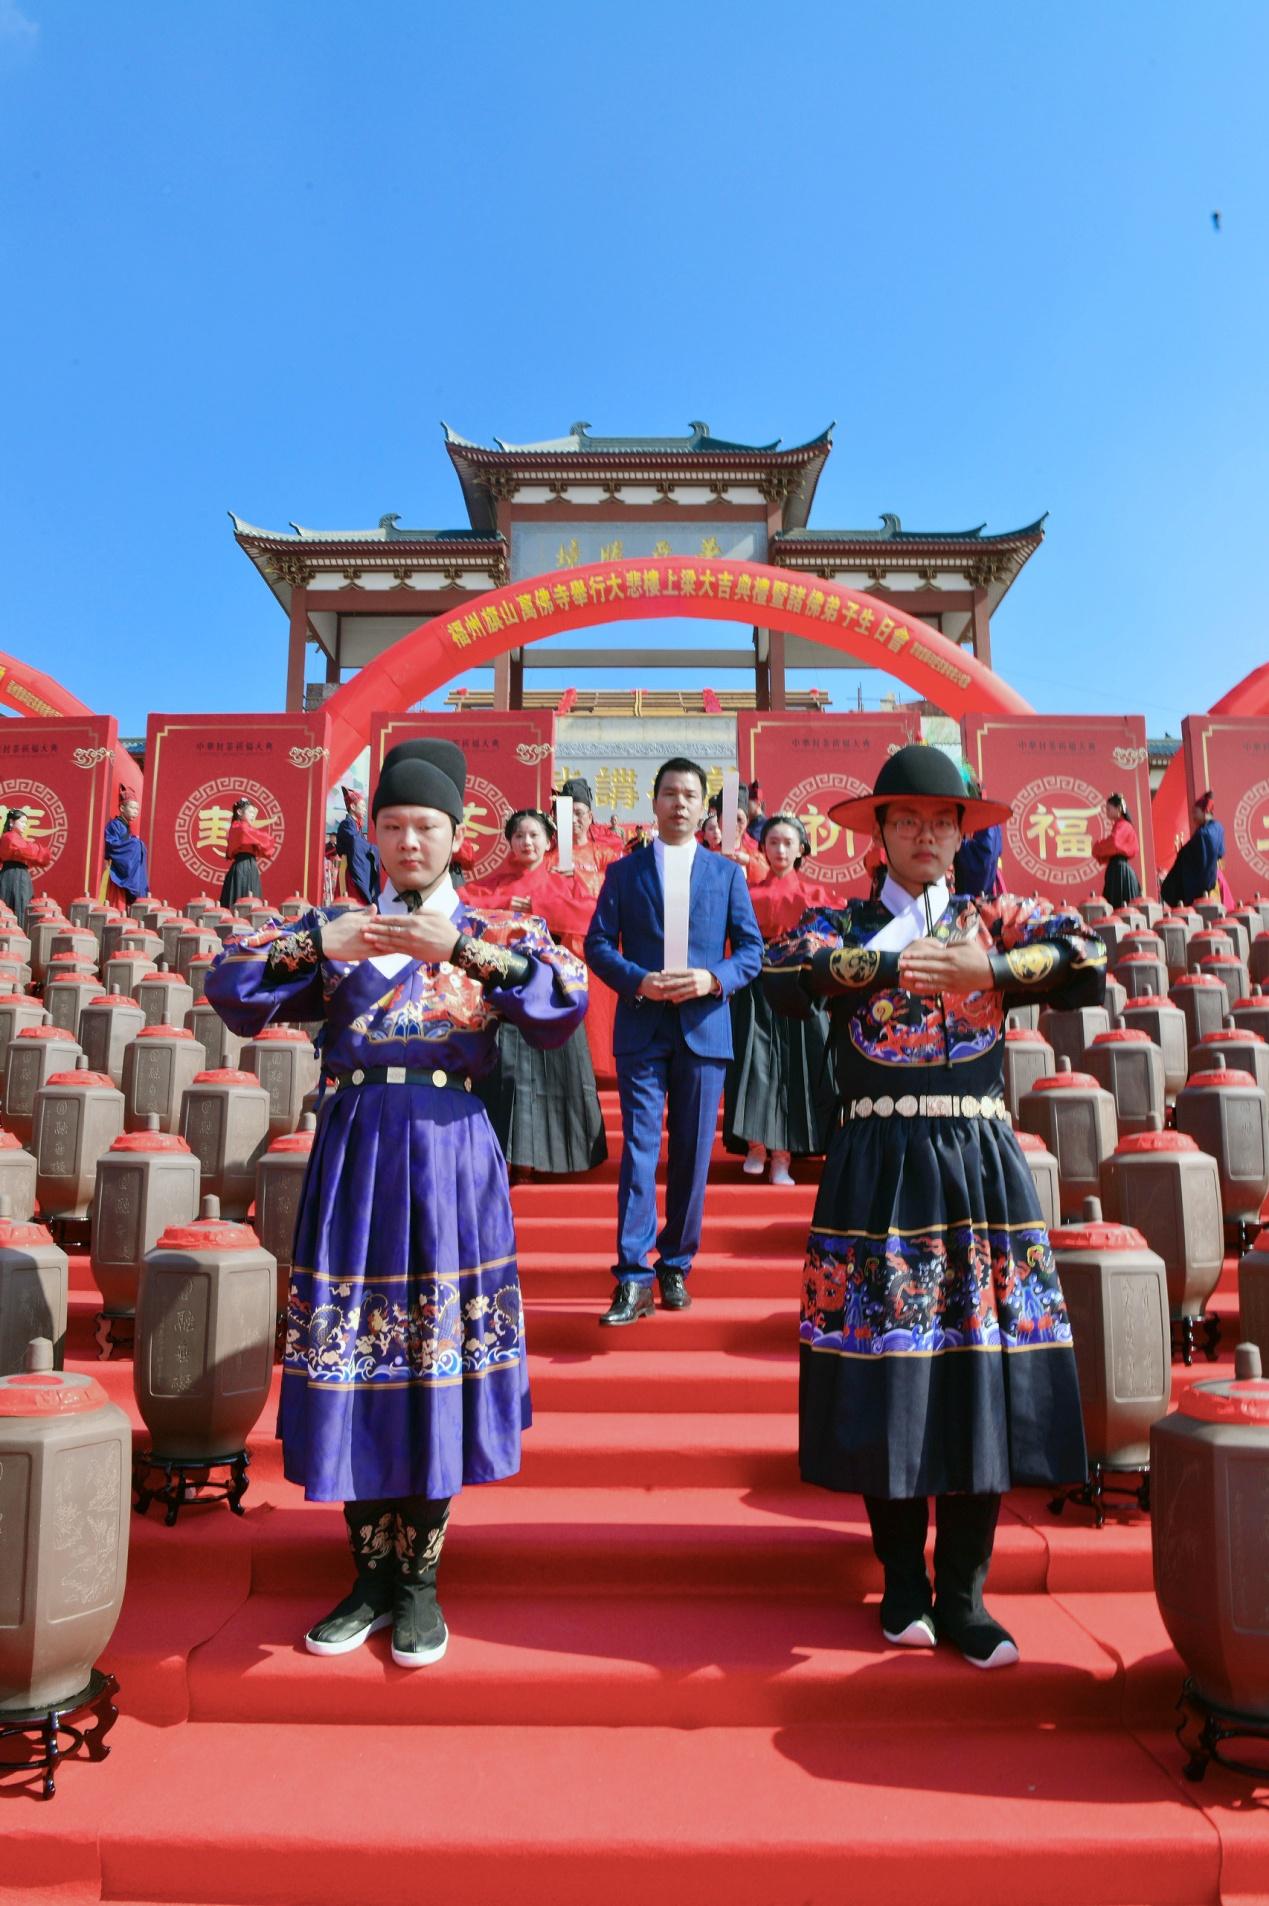 福州举办中华封茶祈福大典 双世界纪录同日诞生